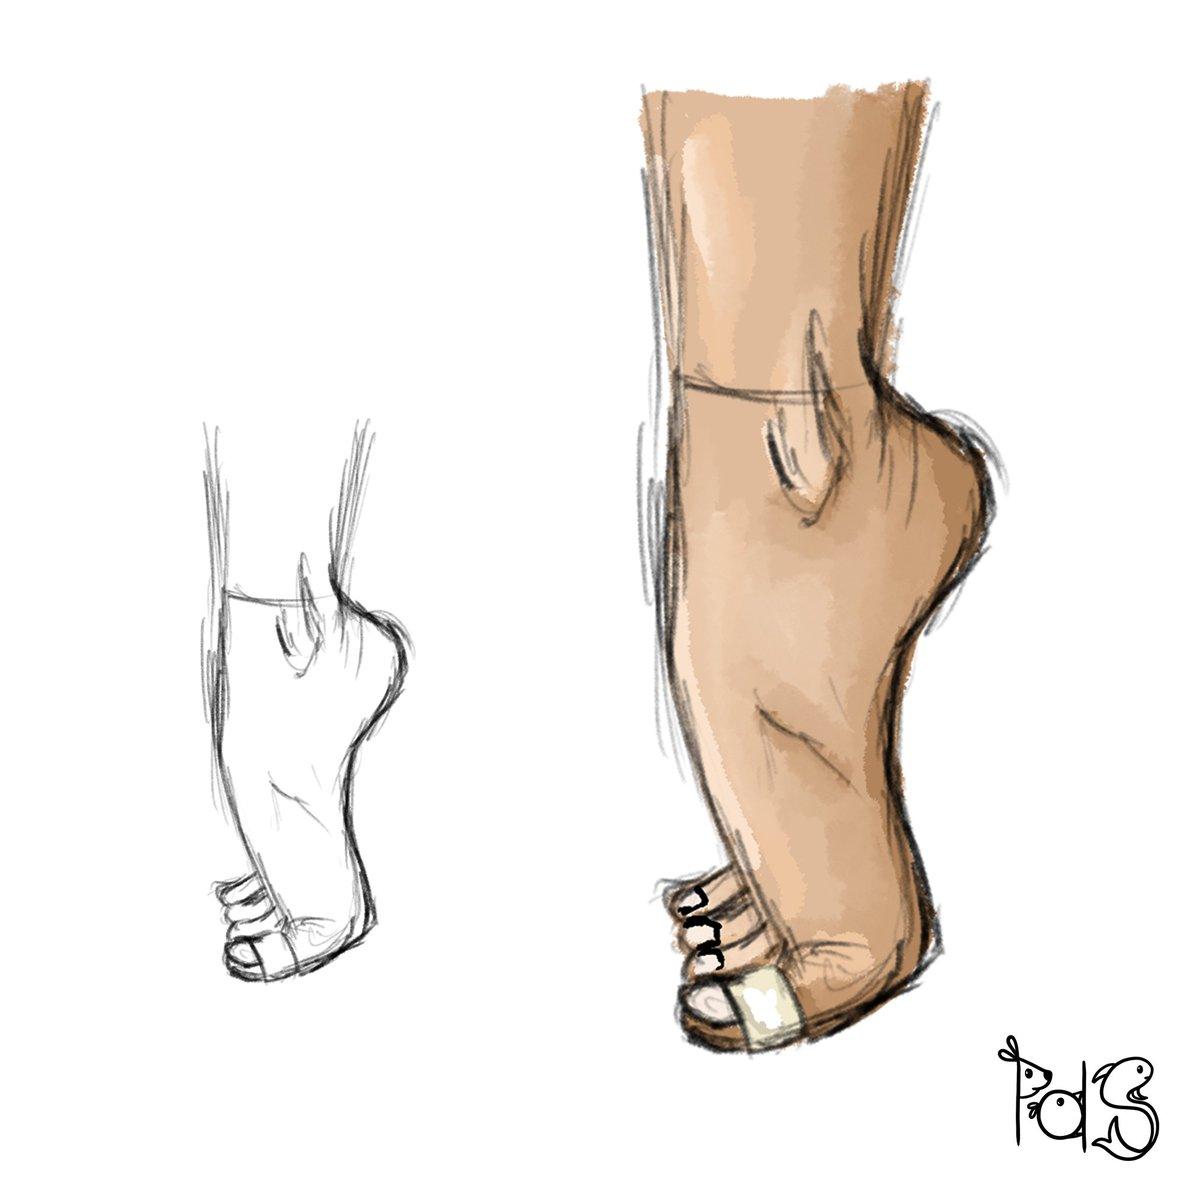 #sketching #drawing #instaart #digitalart #artistoninsta #illustration #illustrator #photoshop #adobe #dailydrawing #artist #dailyart #drawingeveryday #sketchingpractice #digitalartist #feet